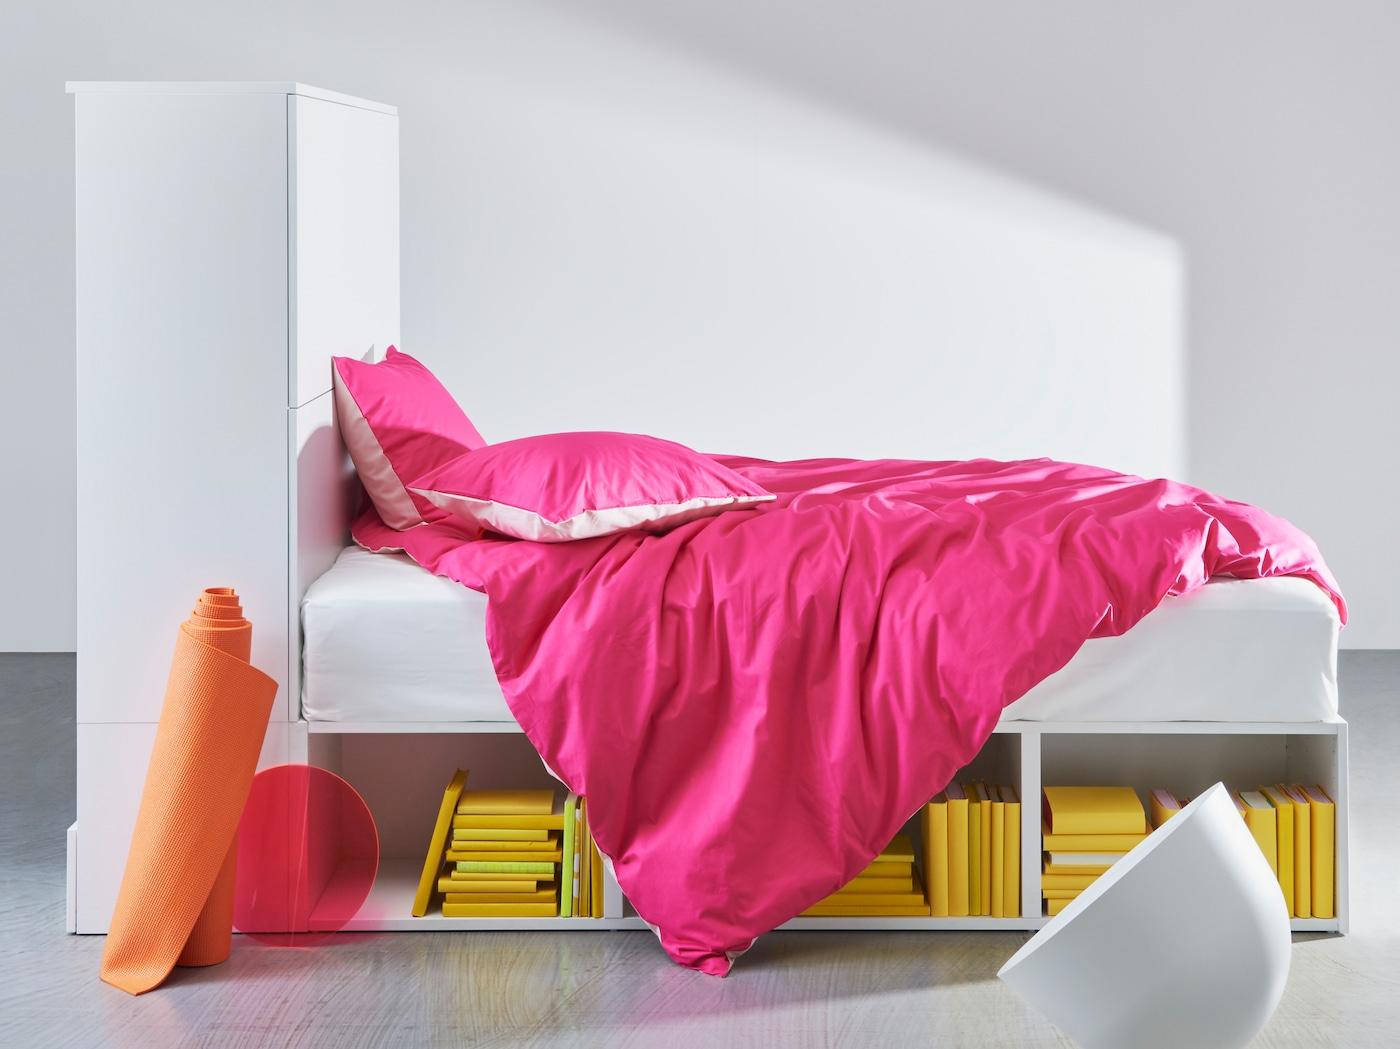 Valkoinen PLATSA- sängyn runko, jonka alla on avointa säilytsytilaa ja toisessa päässä on säilytystilaa ovien takana.